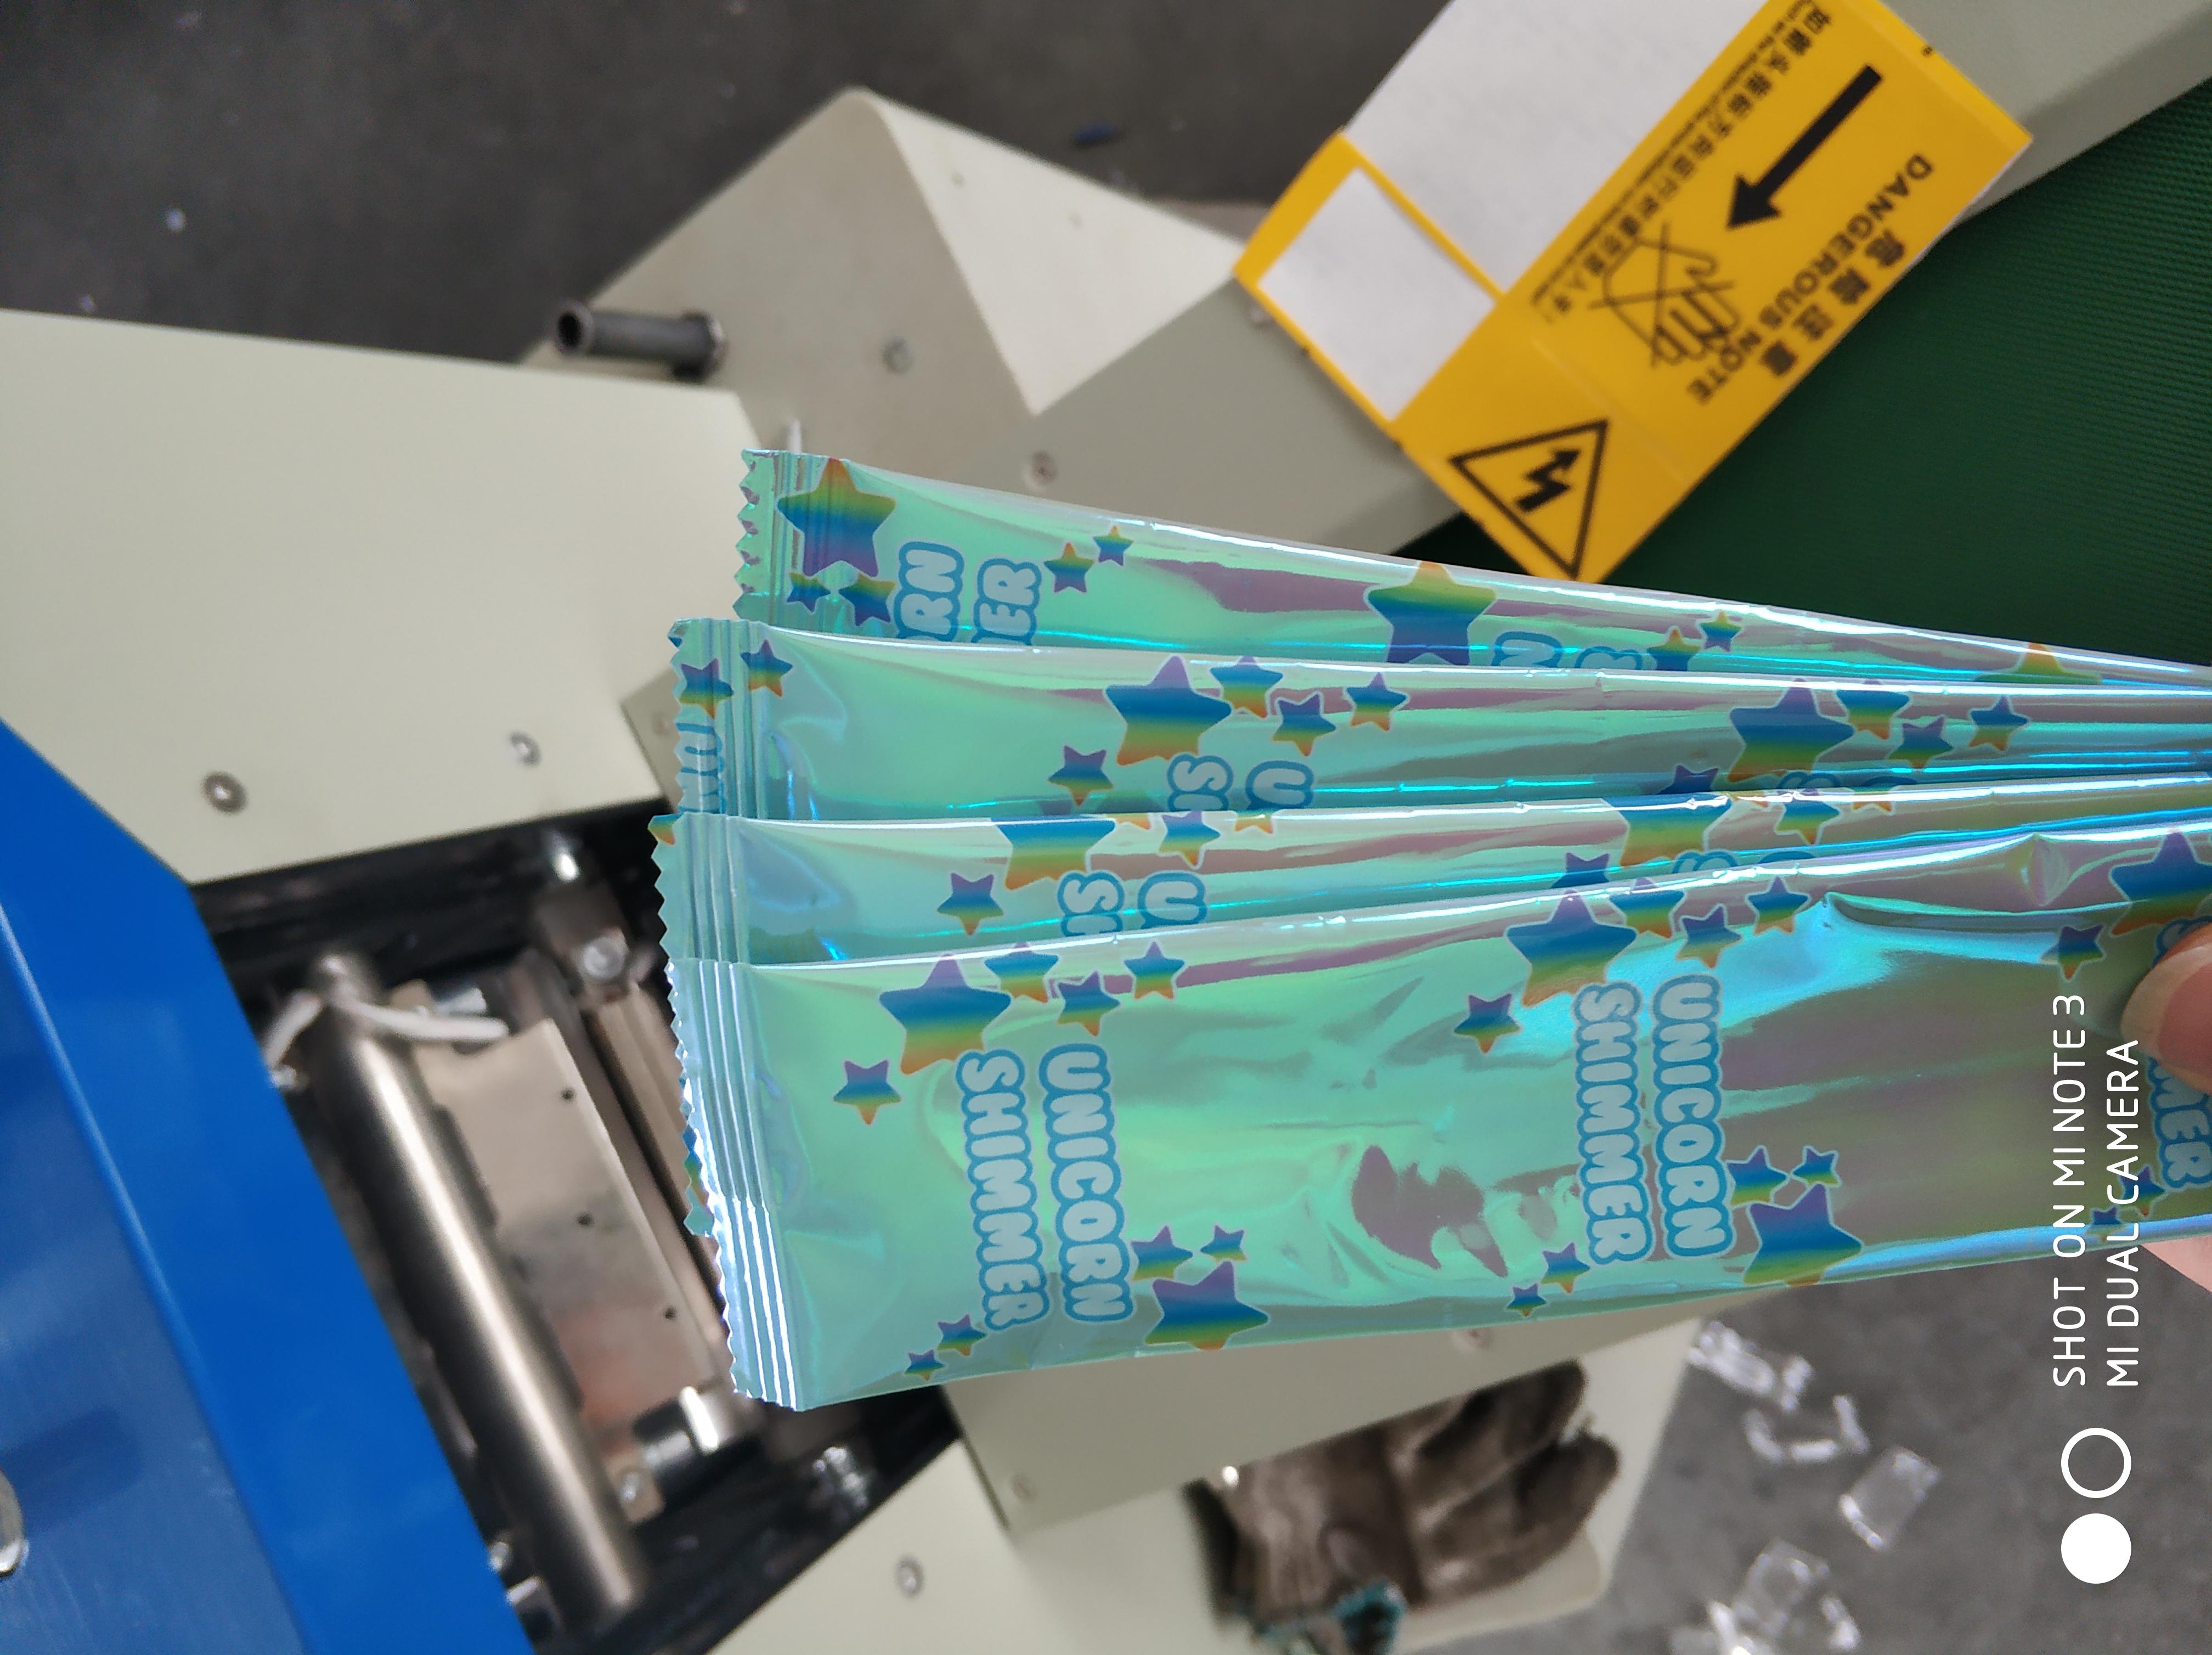 多功能枕式包装机玩具包装机 日用品枕式包装机 酒店用品包装机 五金包装机 食品包装机 玩具包装机生产